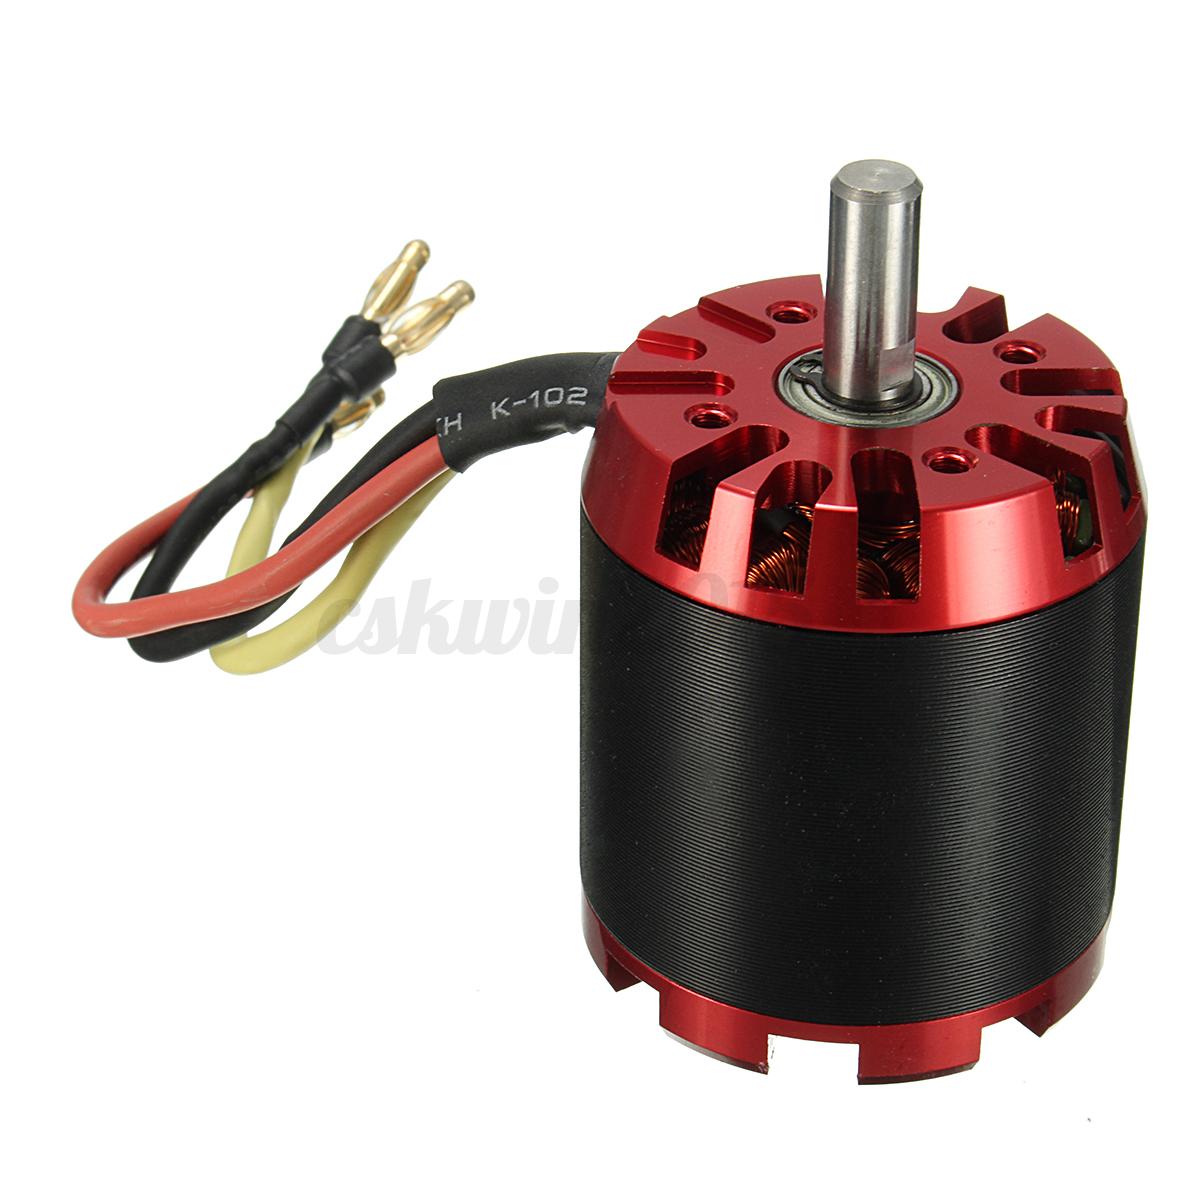 brushless outrunner motor n5065 320kv 1820w for diy. Black Bedroom Furniture Sets. Home Design Ideas